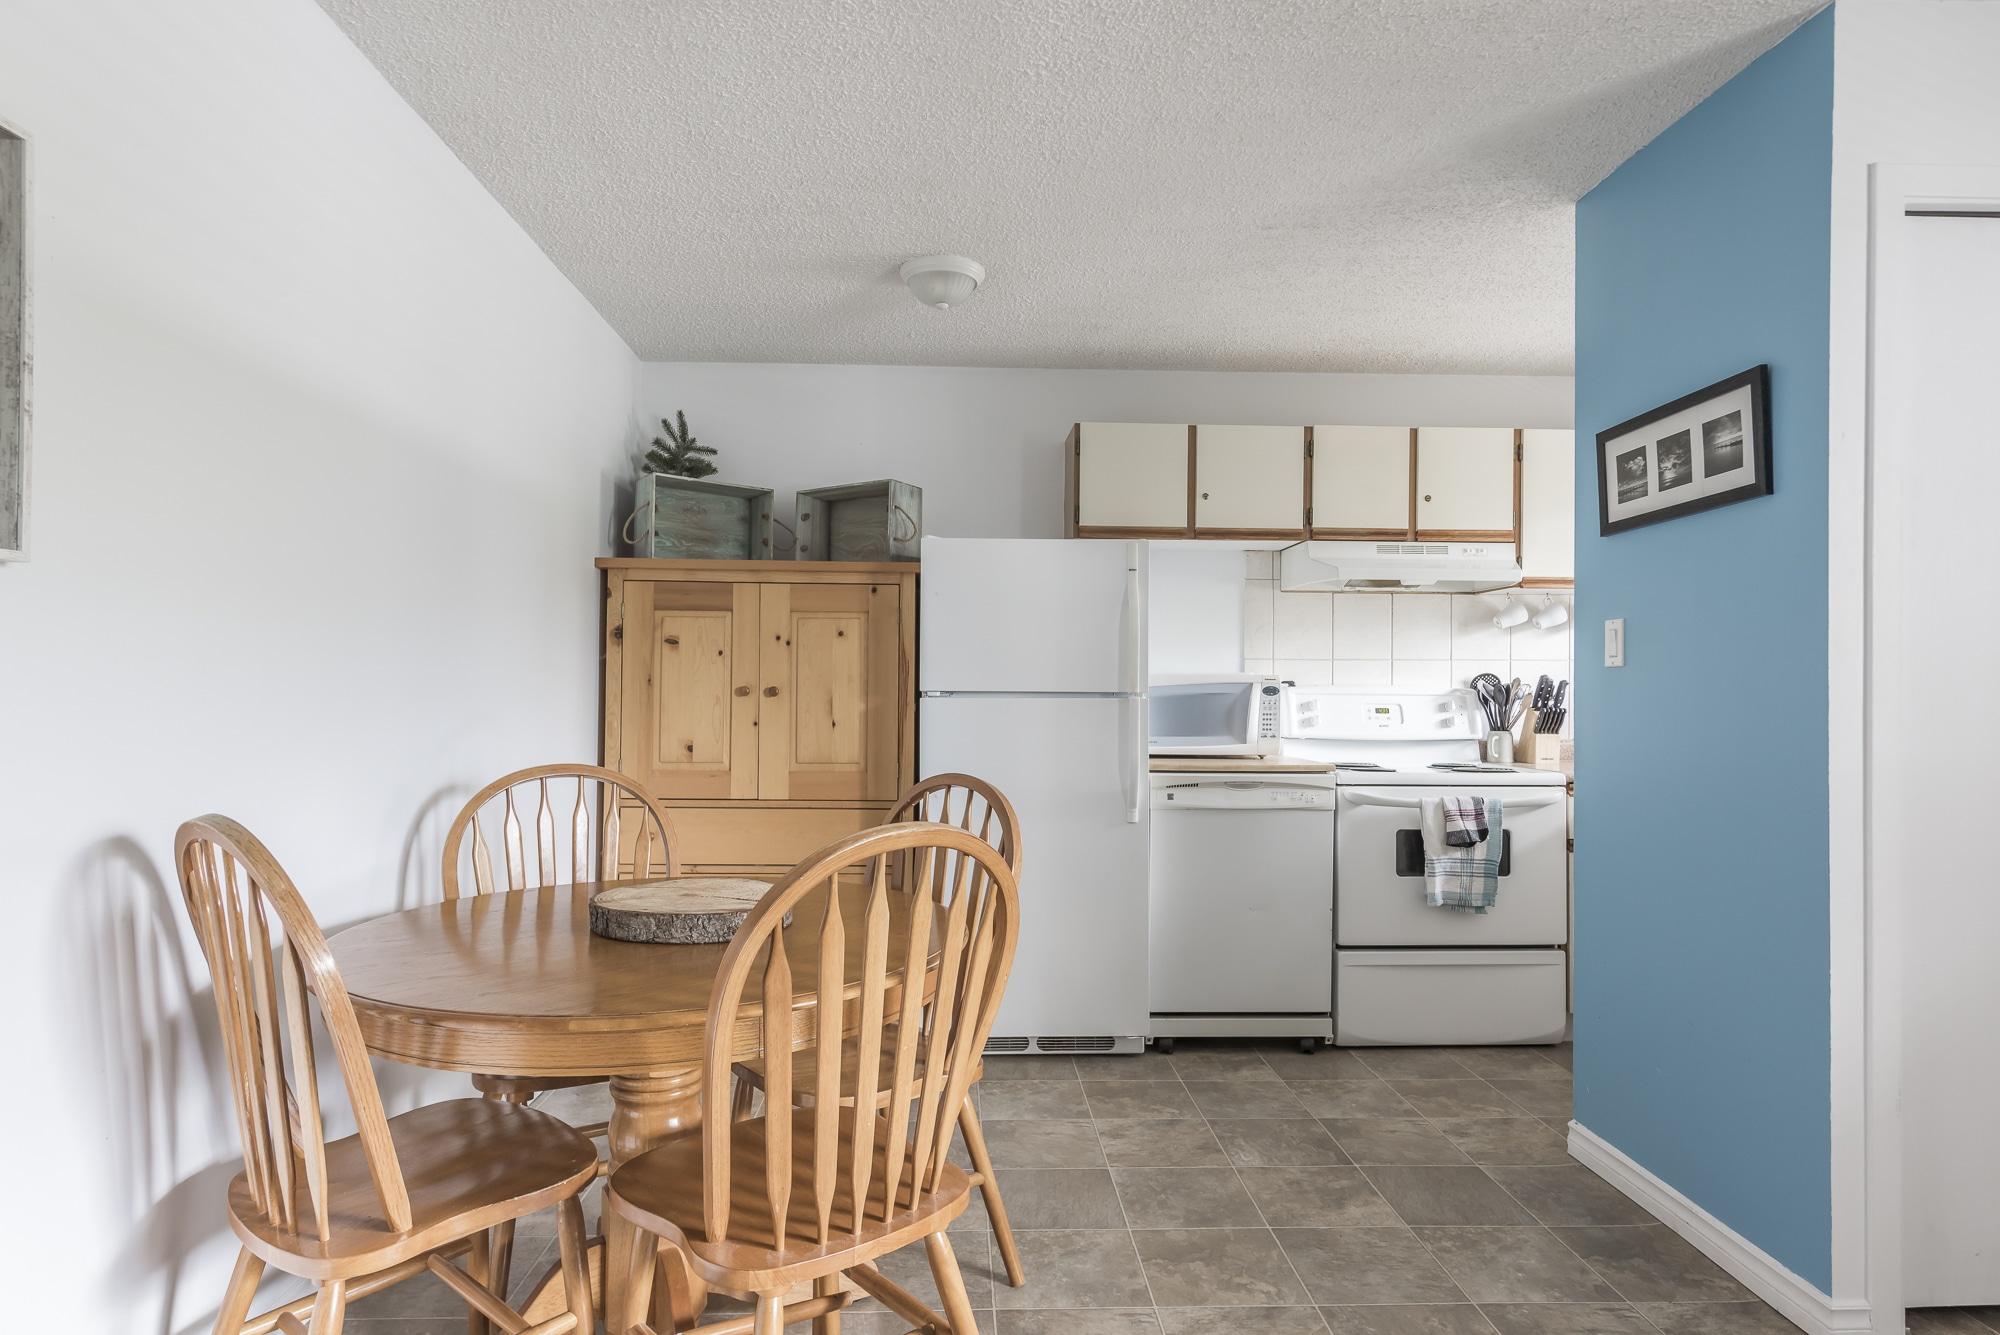 Harrison Interior Kitchen Airbnb Photo